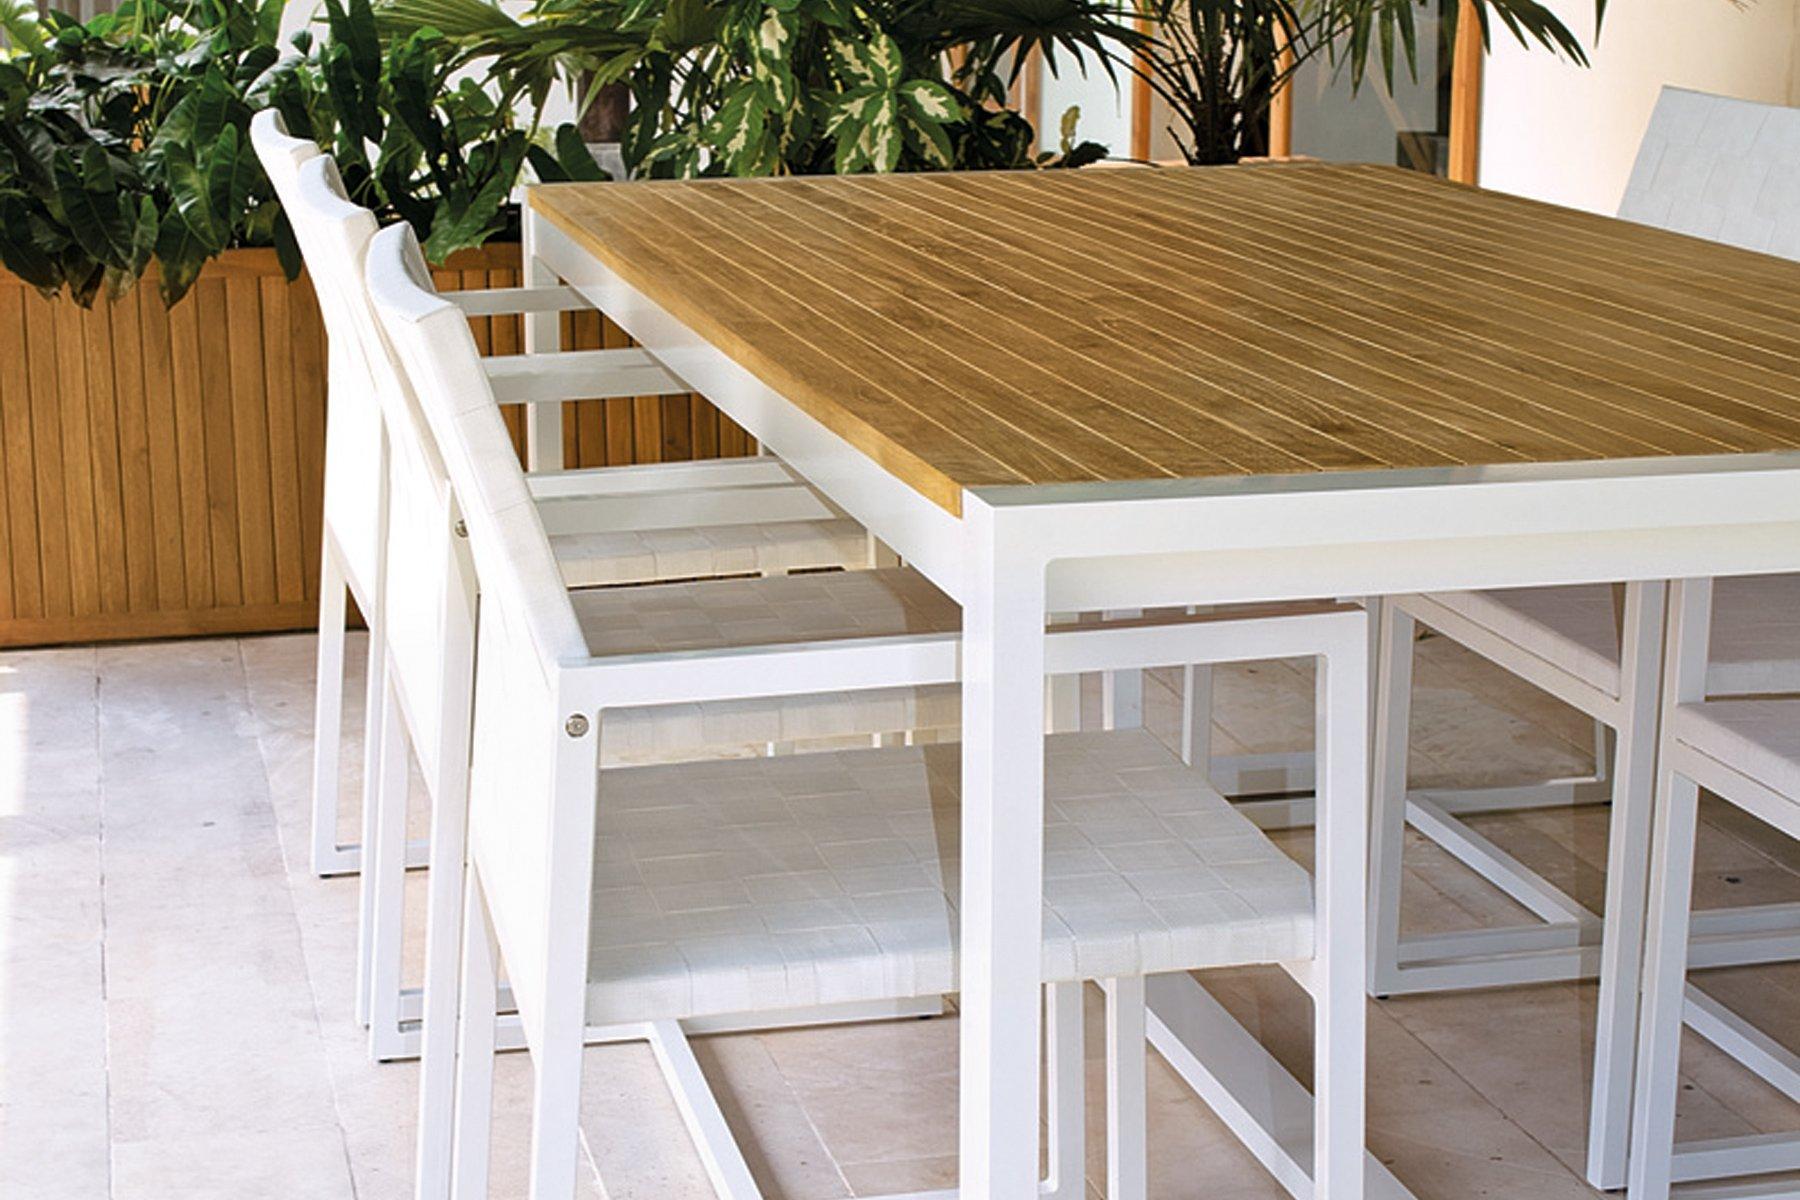 Visualizza dettagli fioriera il giardino di legno - Il giardino di legno ...